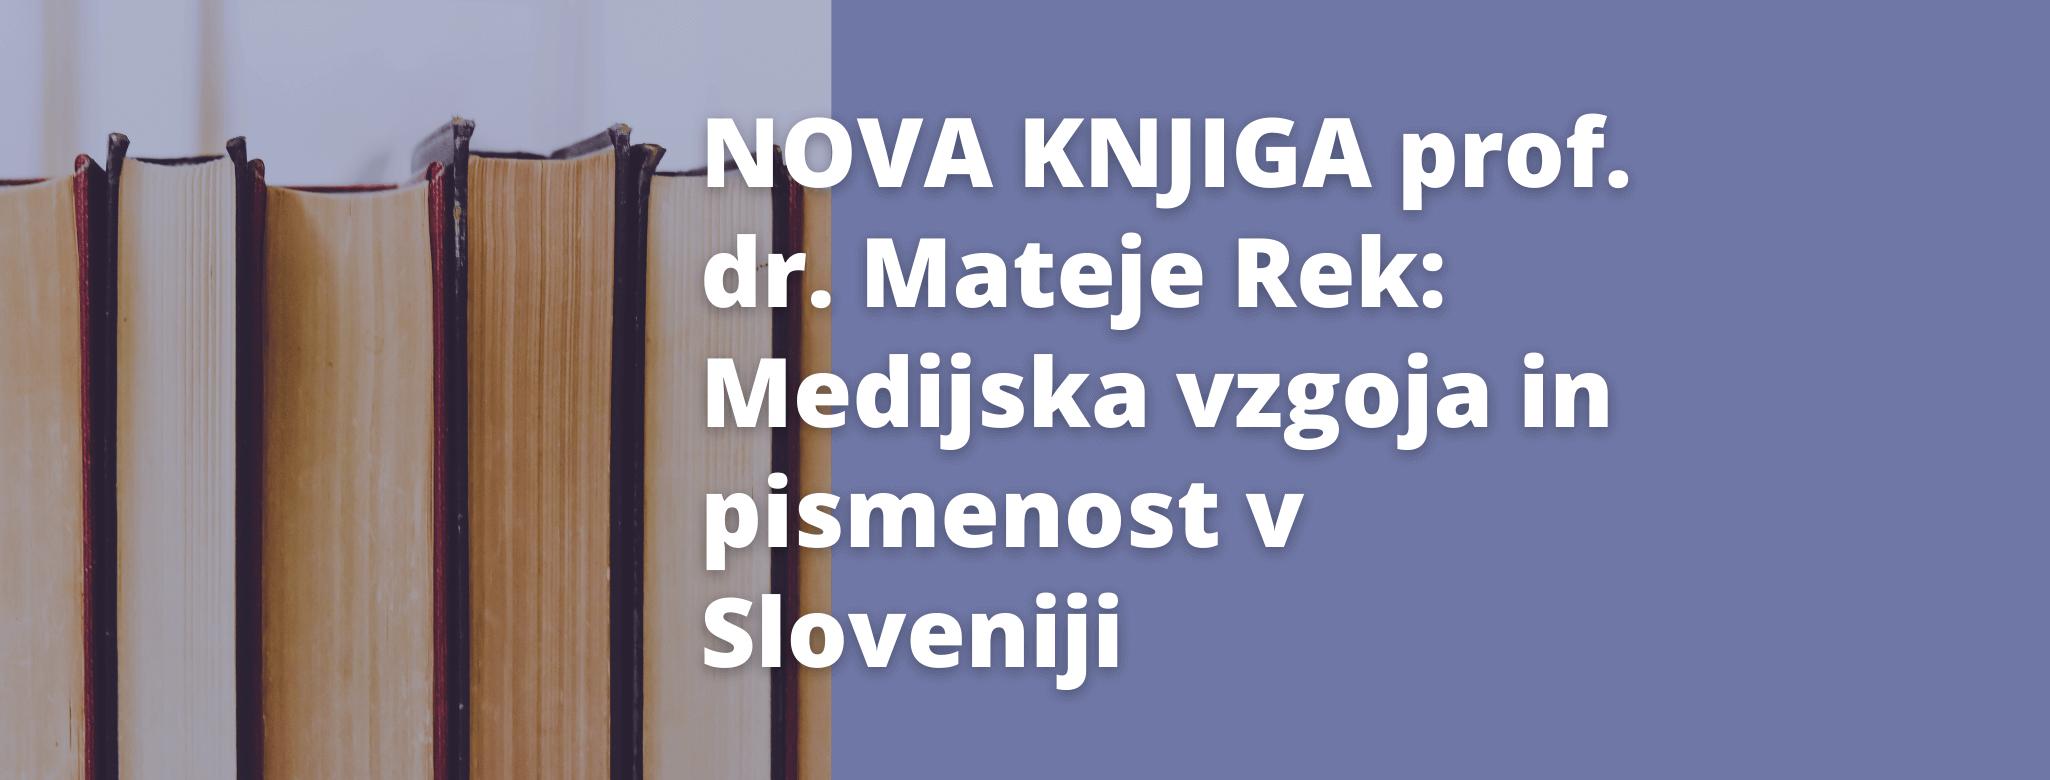 Nova knjiga prof. dr. Mateje Rek